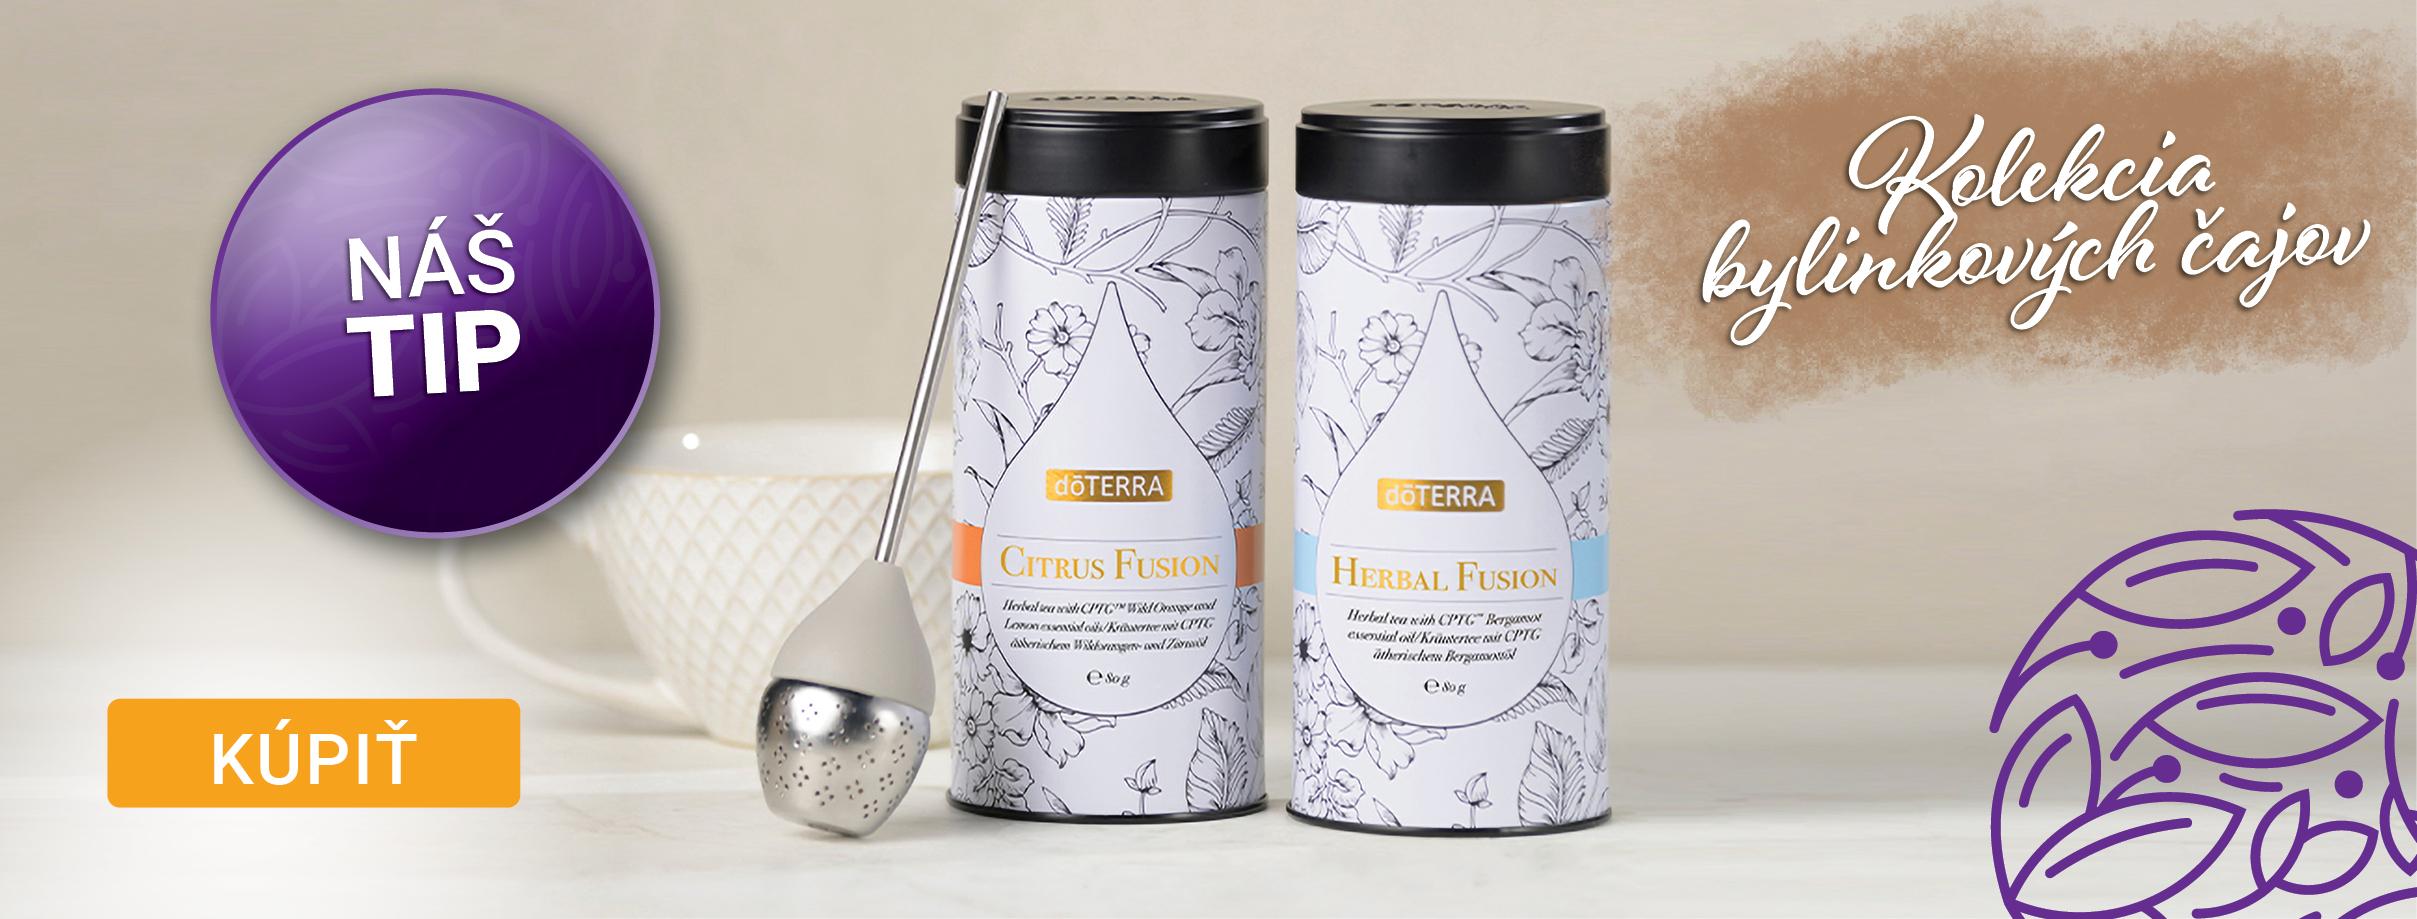 Doterra kolekcia bylynkových čajov